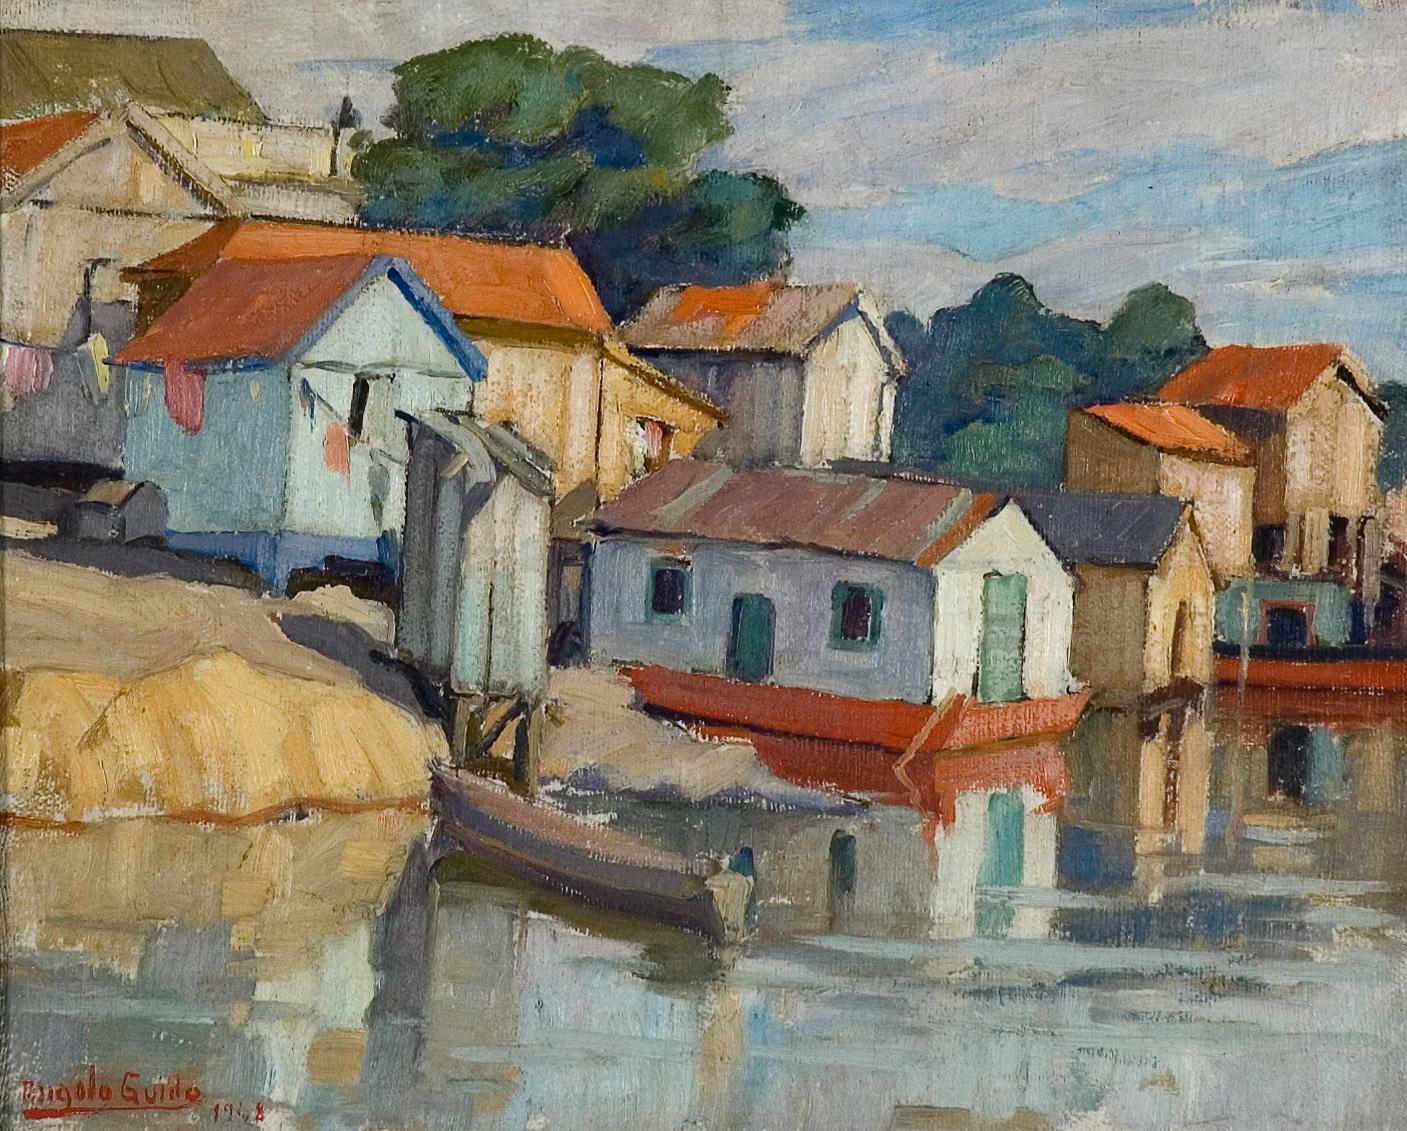 Porto Alegre: Imagem e palavra em mostra na Pinacoteca Ruben Berta